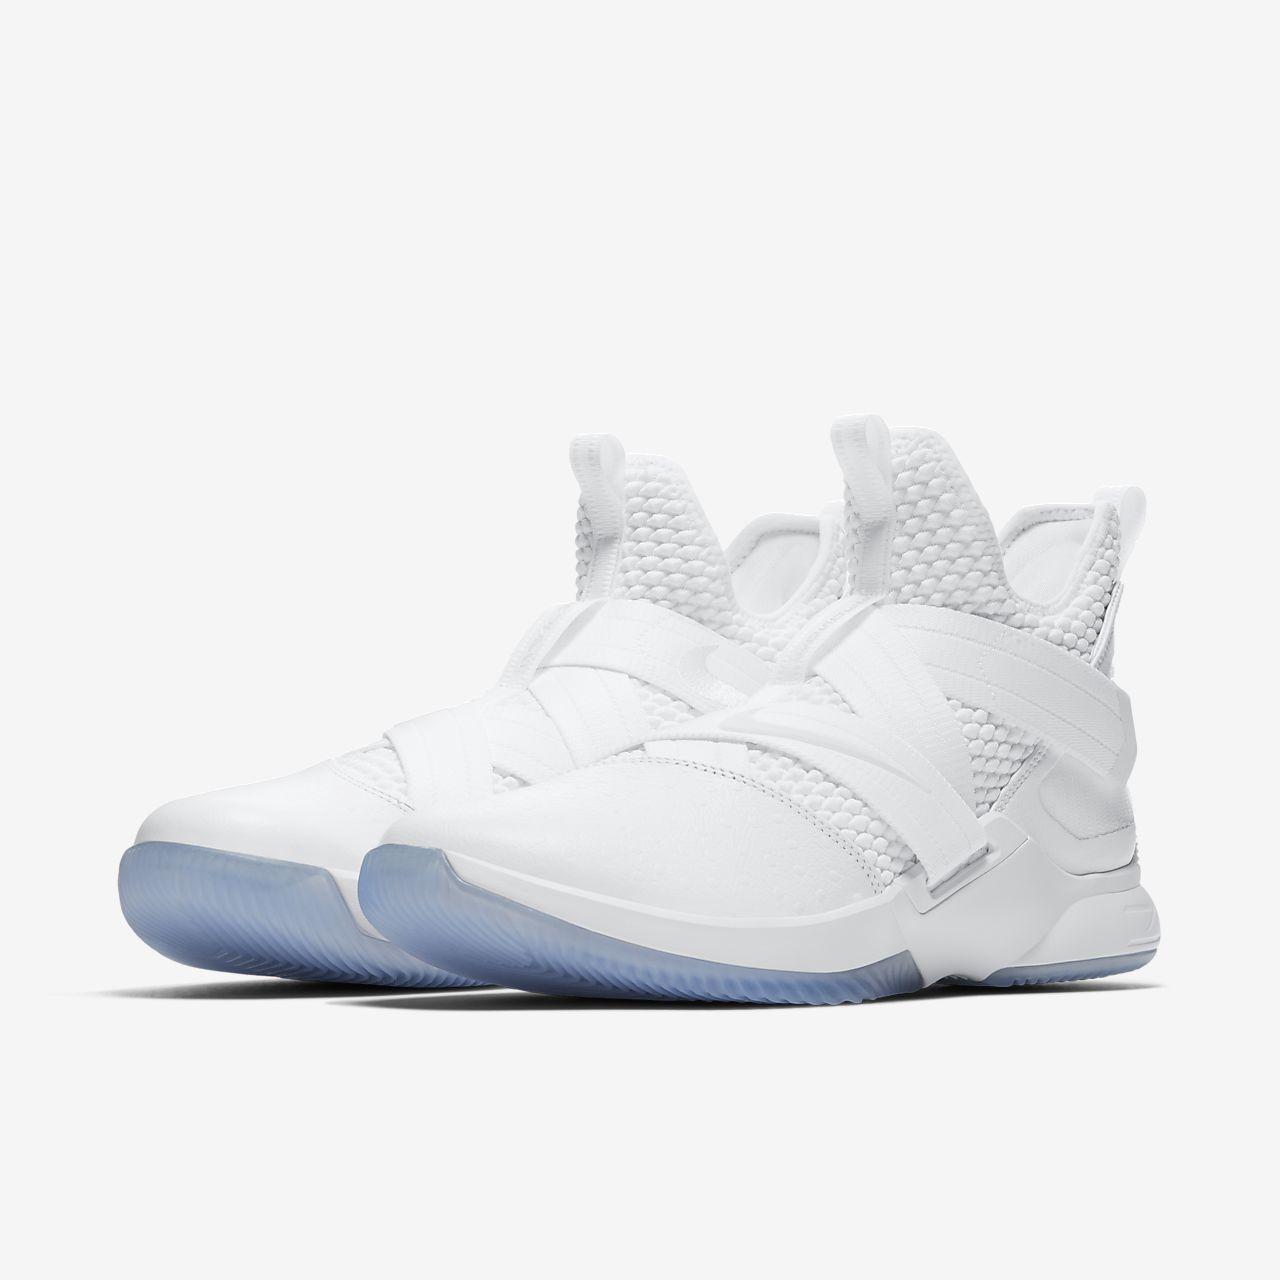 b33820eb019 LeBron Soldier 12 SFG Basketball Shoe. Nike.com GB